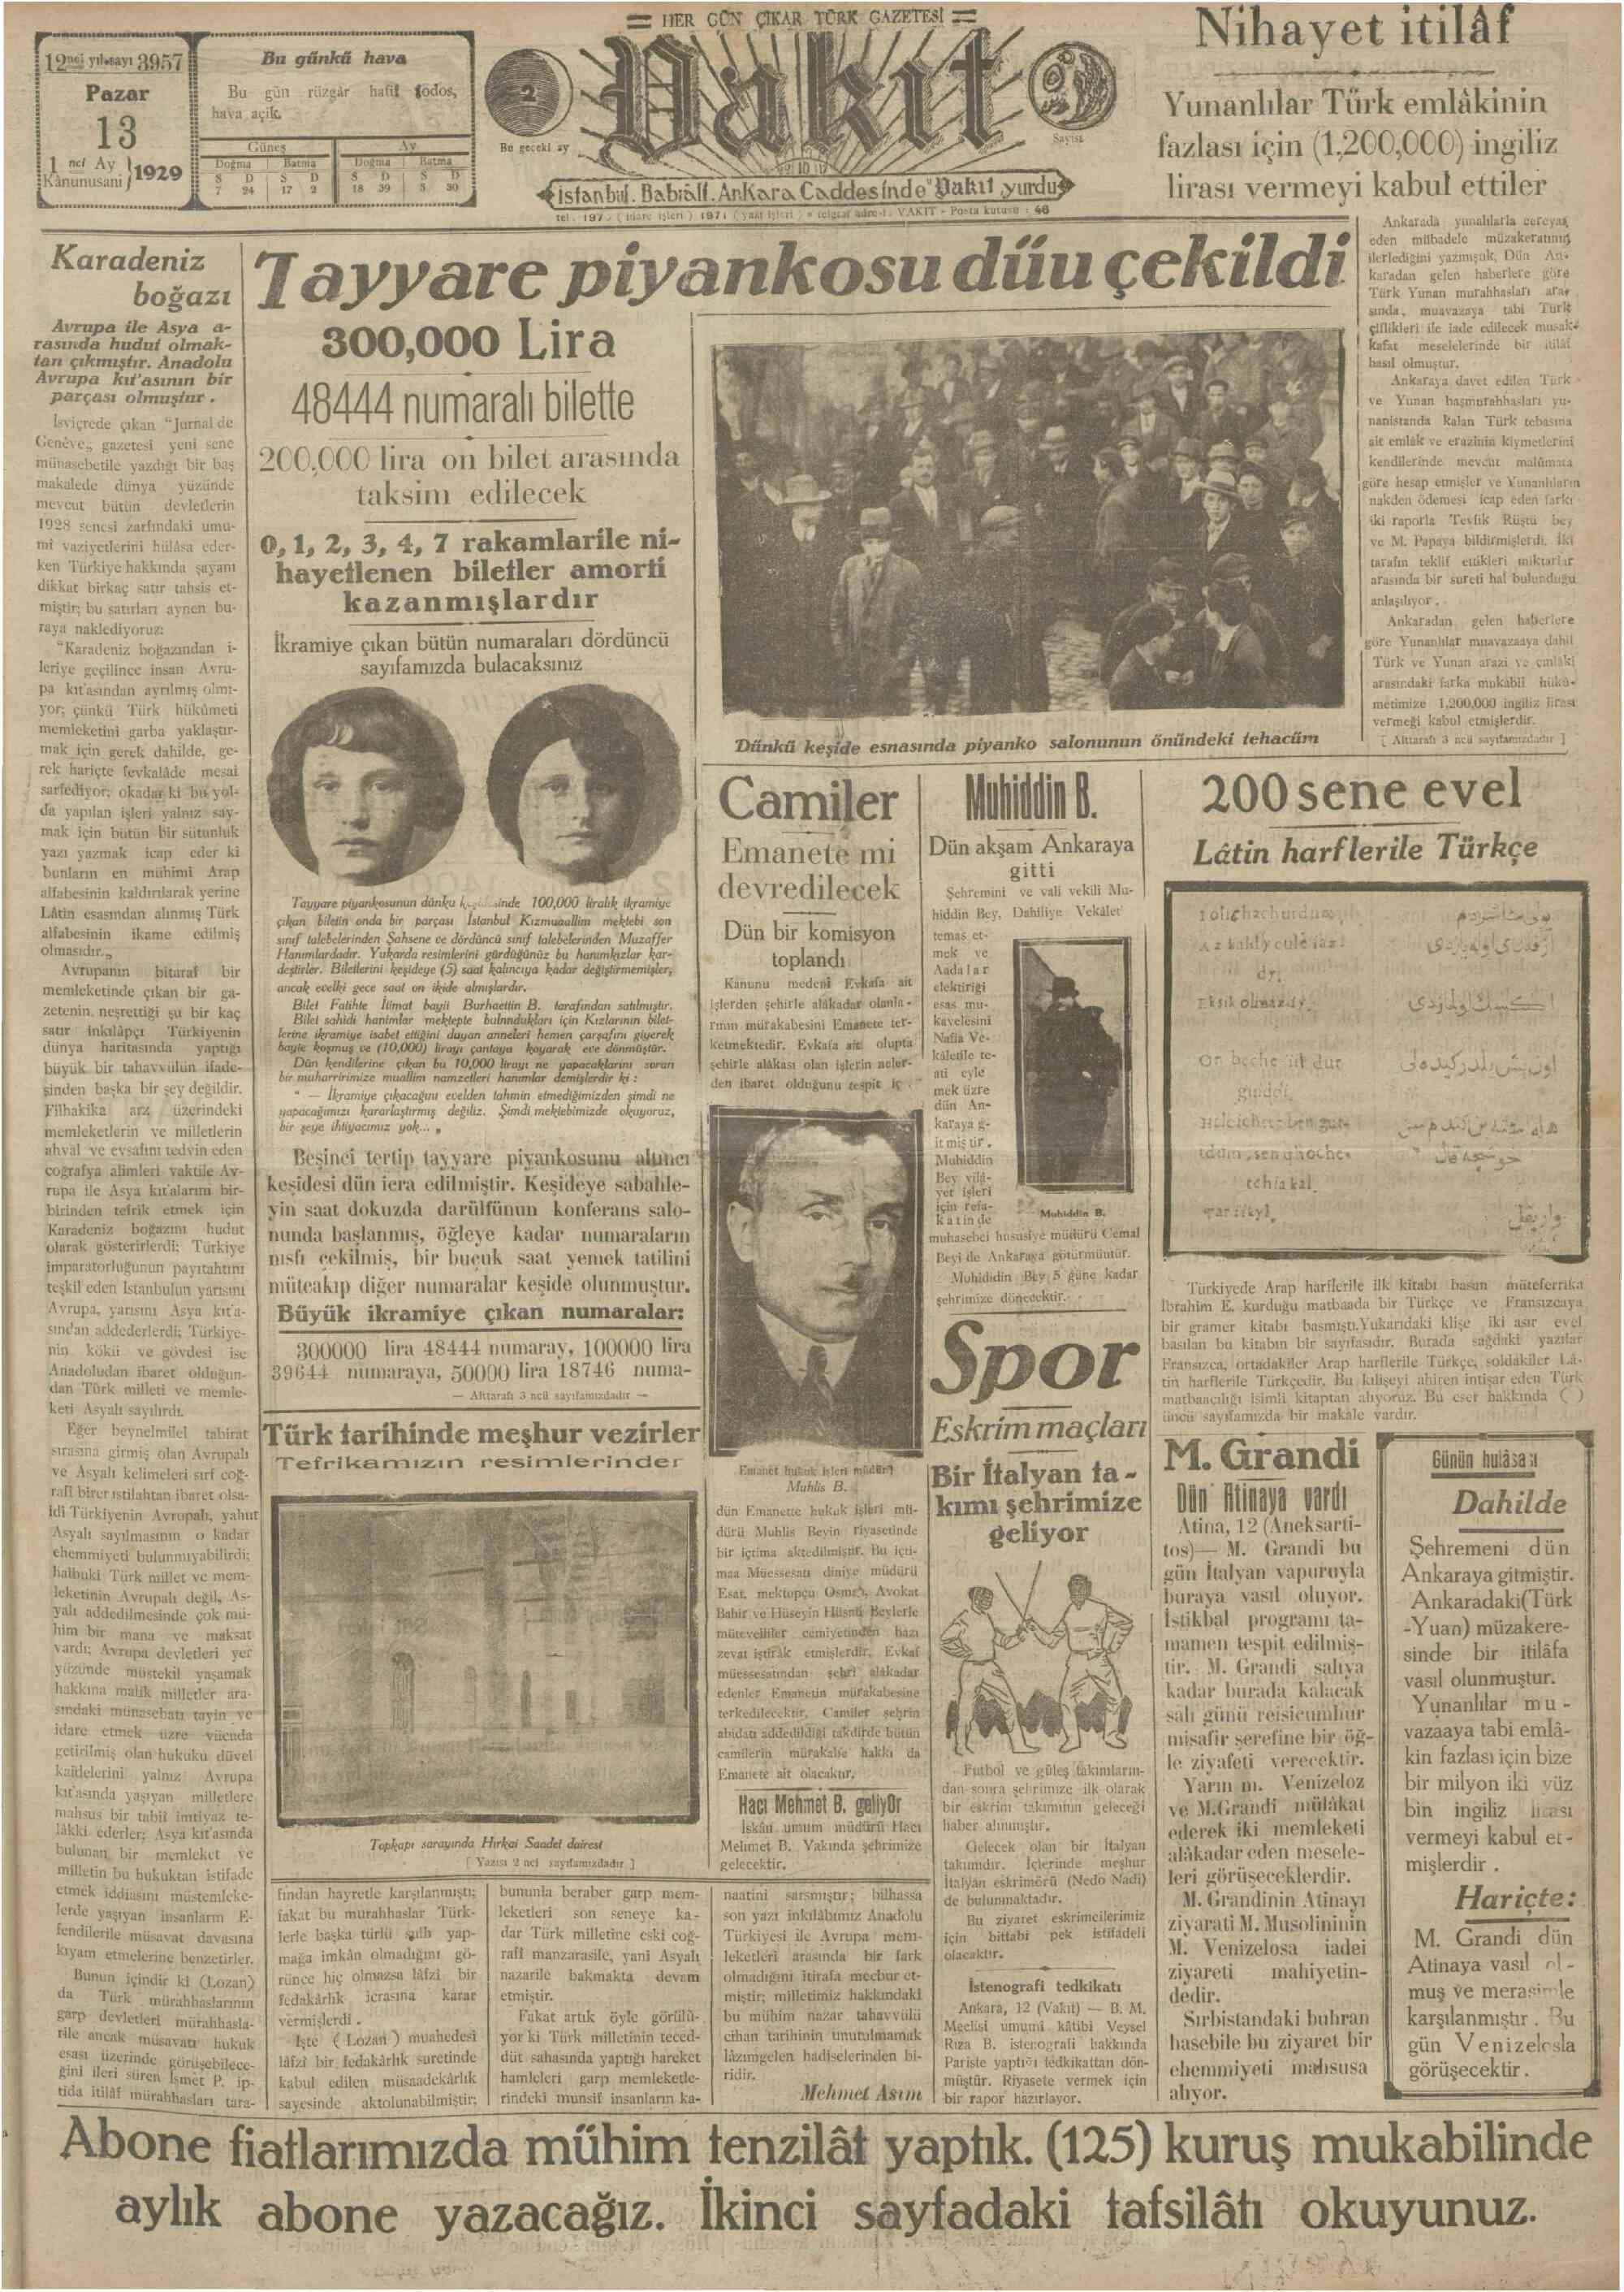 13 Ocak 1929 Tarihli Vakit Gazetesi Sayfa 1